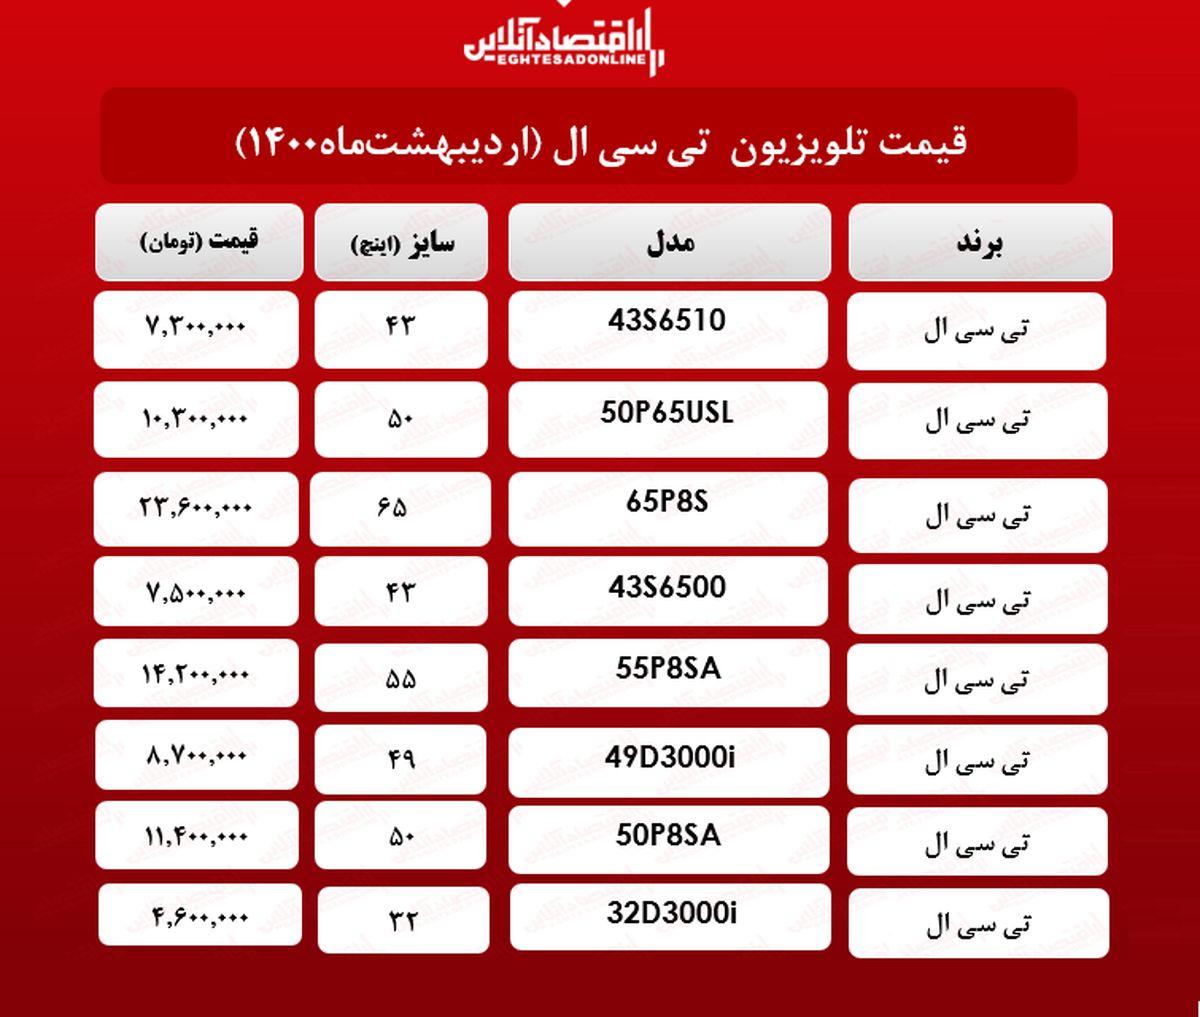 قیمت تلویزیون تی سی ال / ۱۲اردیبهشتماه